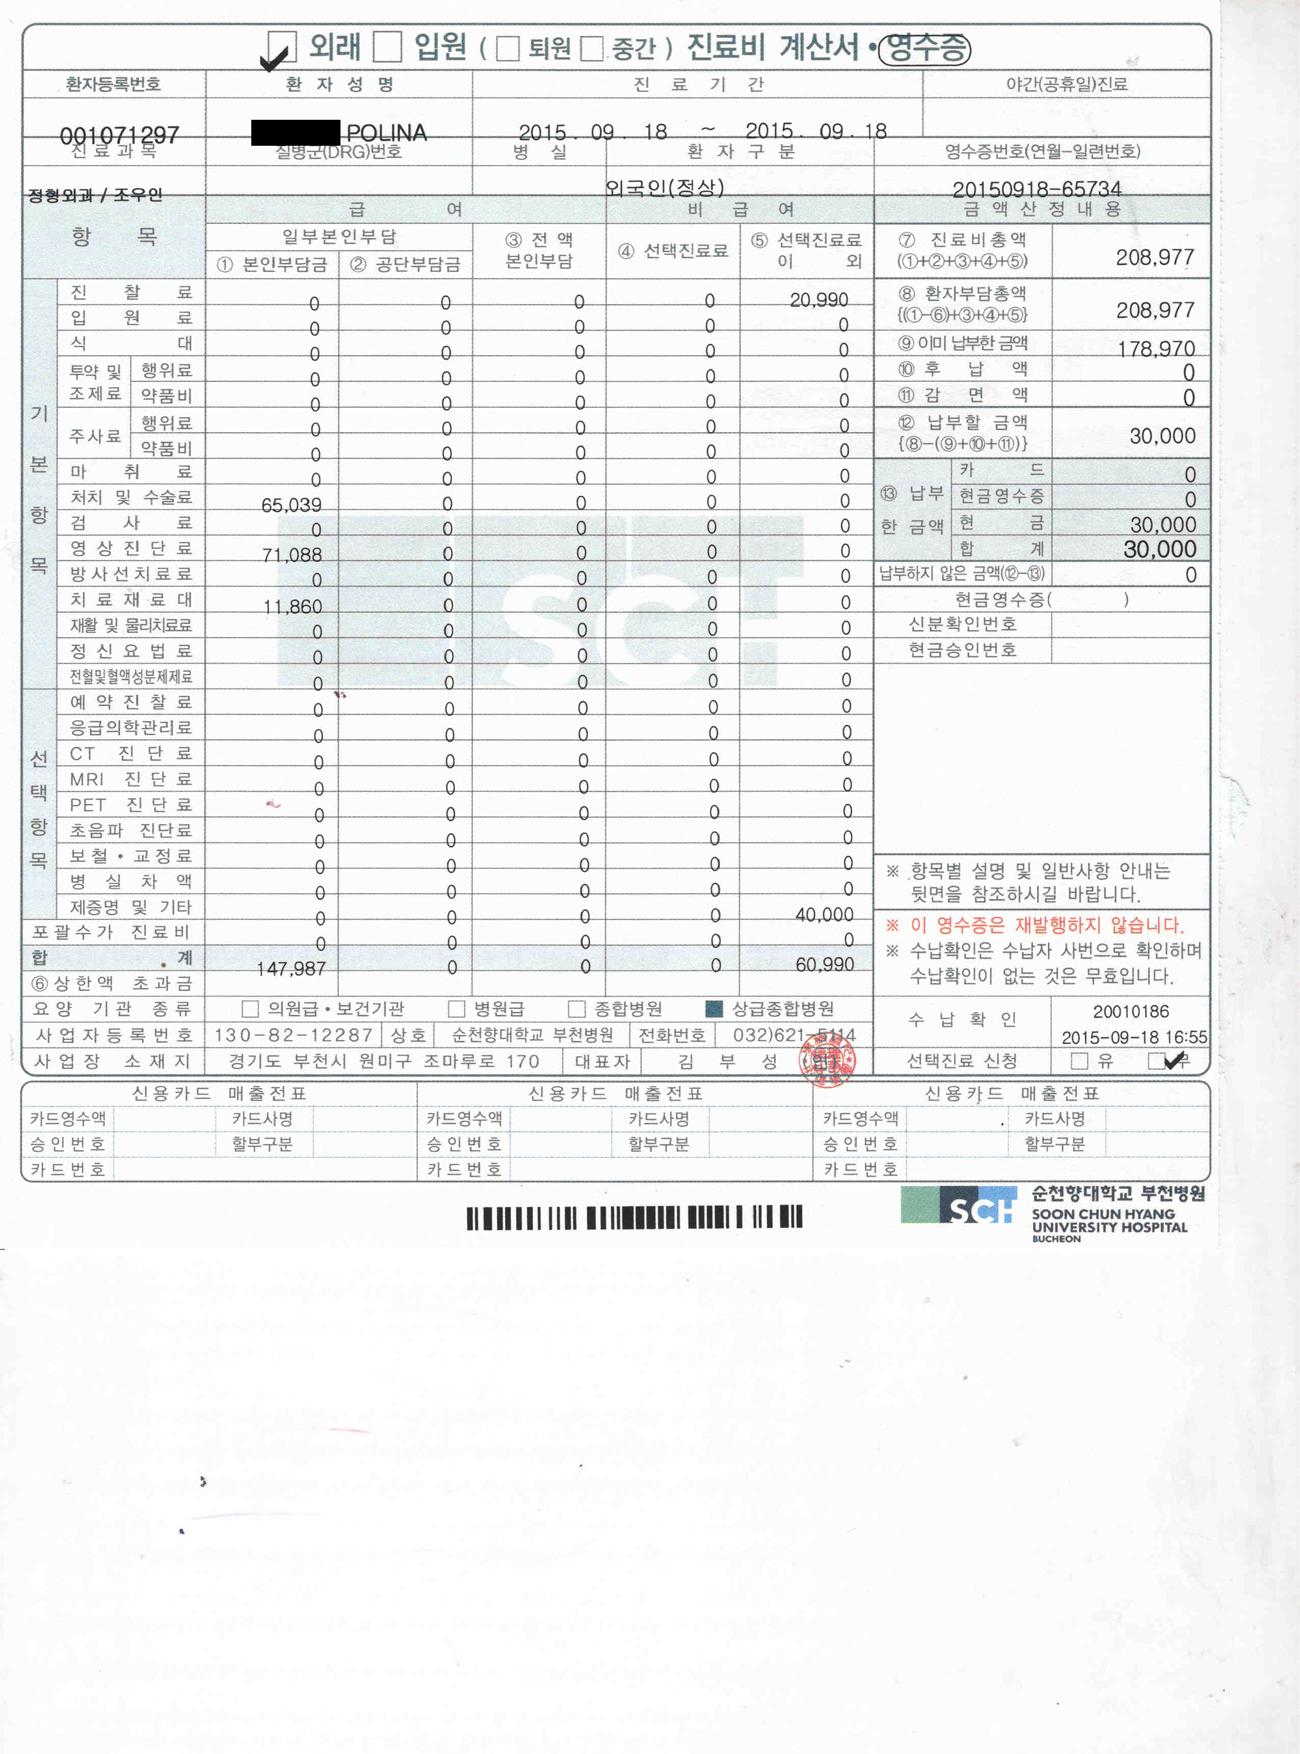 Сотрудник Тинькофф-страхования попросит перевести счет на корейском языке